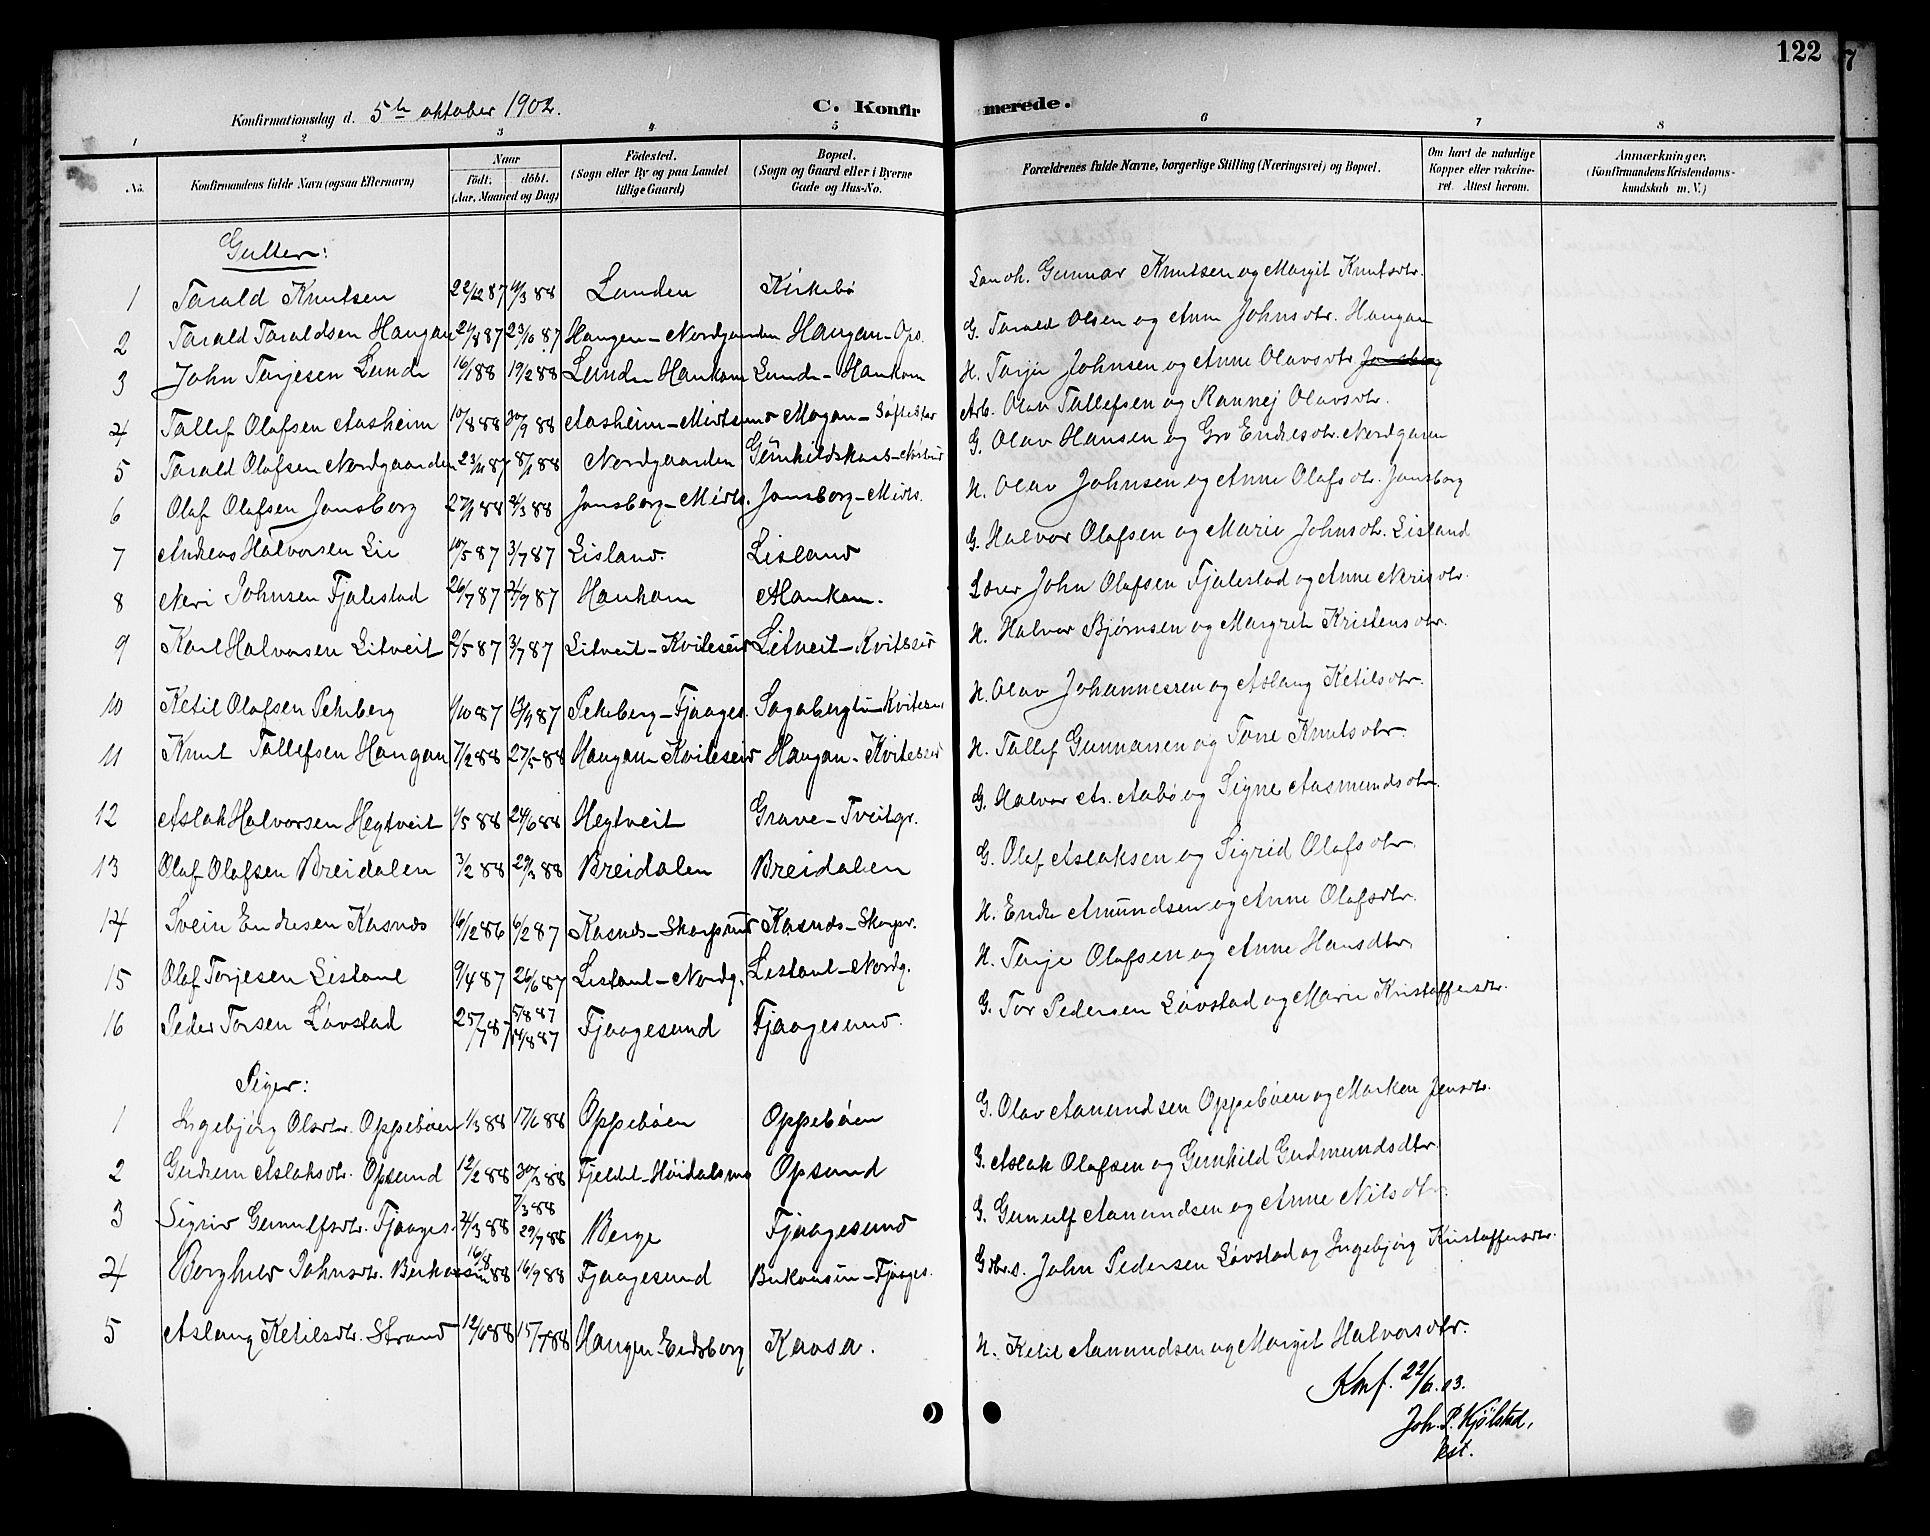 SAKO, Kviteseid kirkebøker, G/Ga/L0002: Klokkerbok nr. I 2, 1893-1918, s. 122